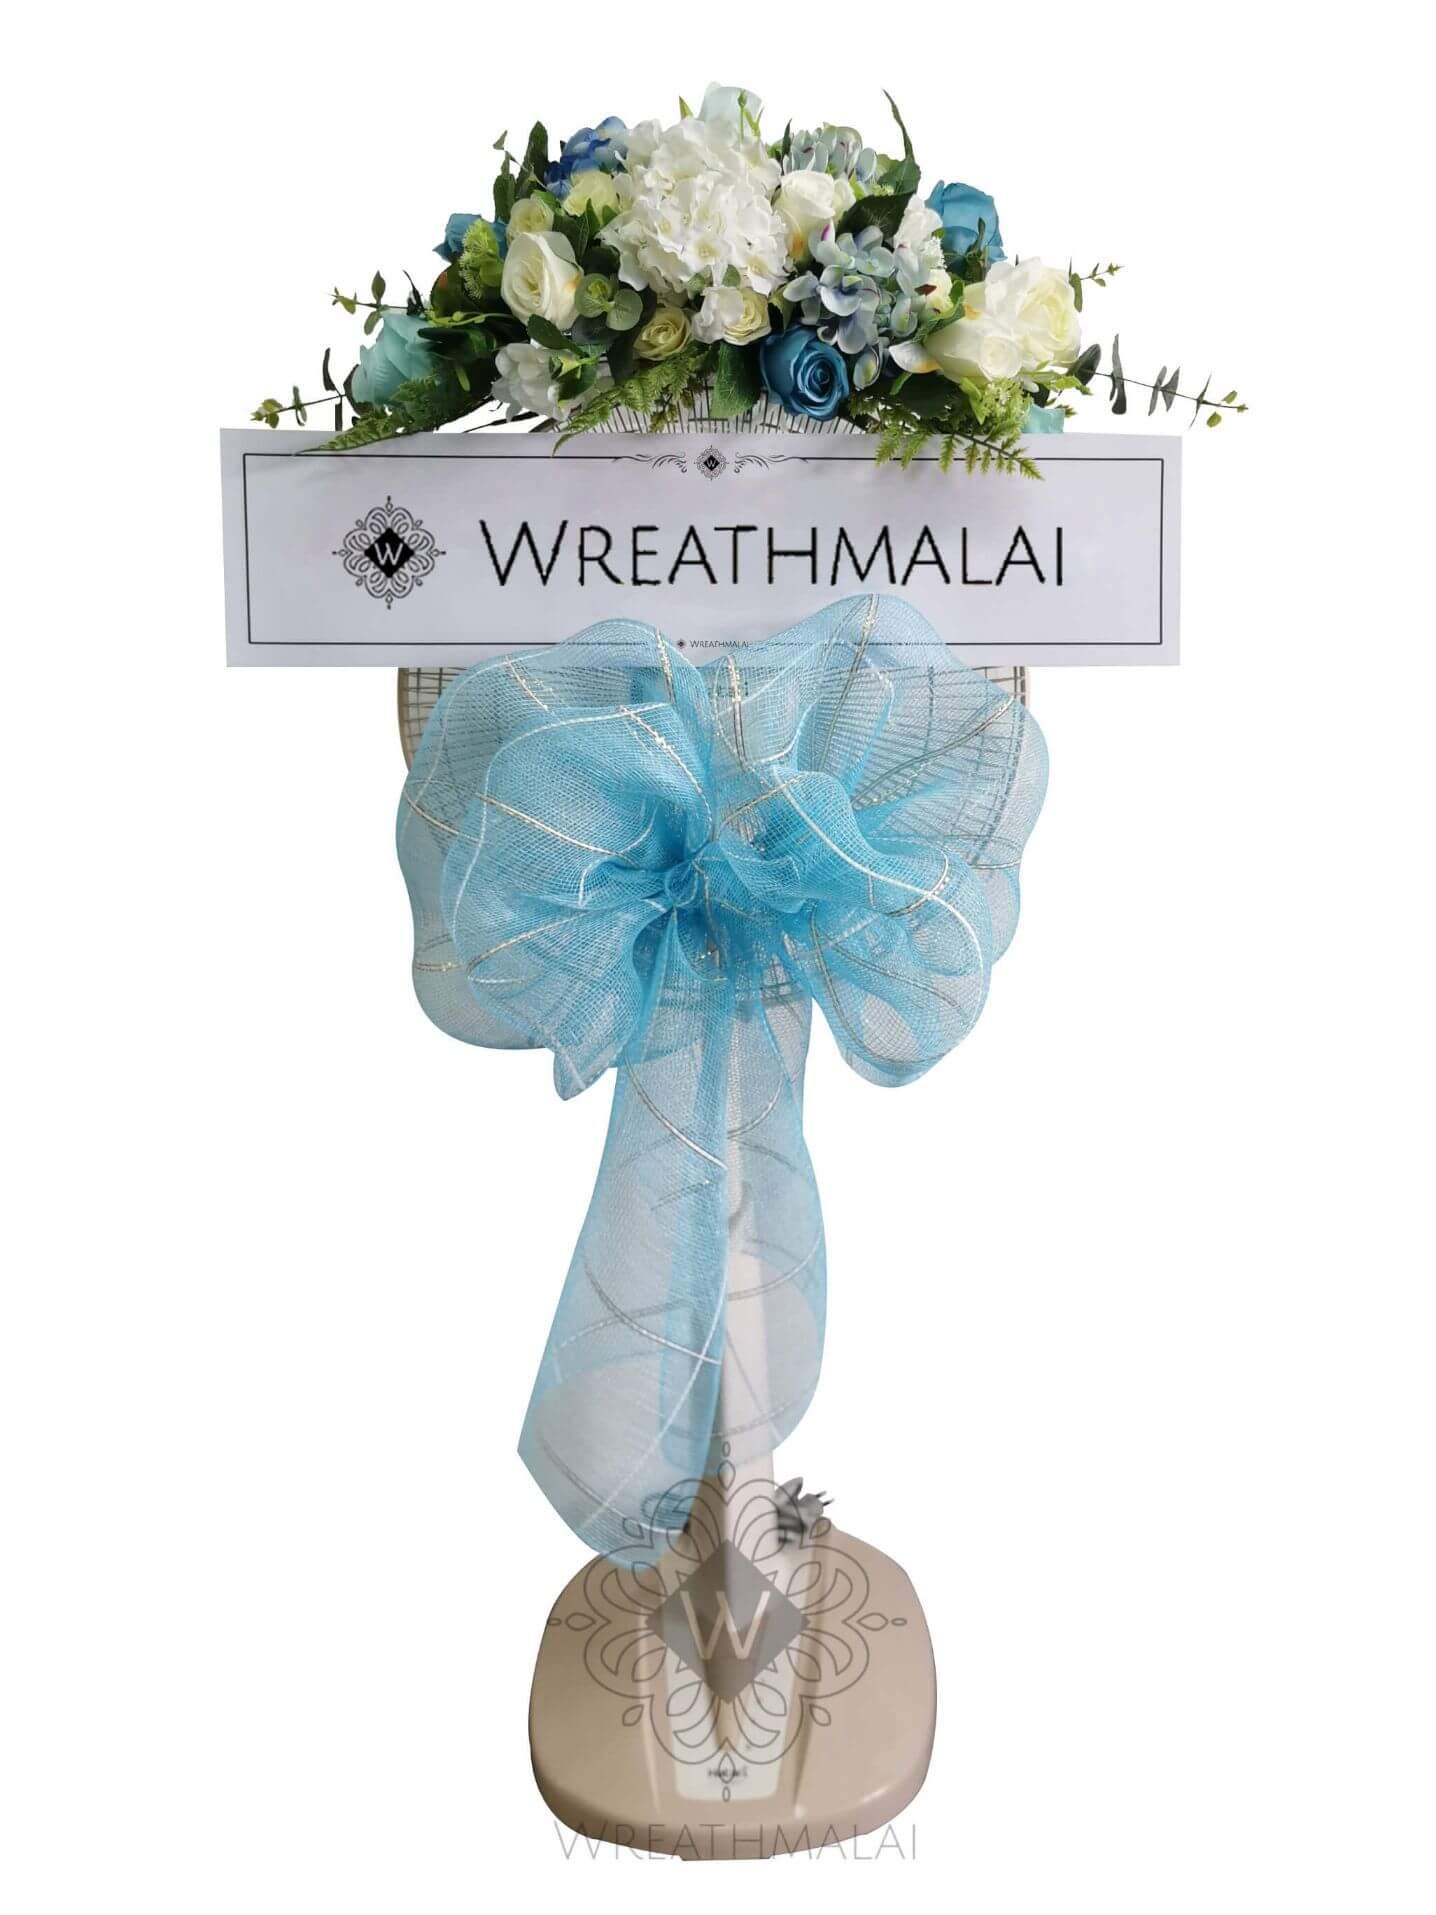 """WF020 พวงหรีด""""นภาพราว"""" SHARP/HATARI 16 นิ้ว/18 นิ้ว เกลียวโบว์สีฟ้า+ จัดช่อดอกไม้สีพาสเทลจัดช่อสวยงามด้านบน"""